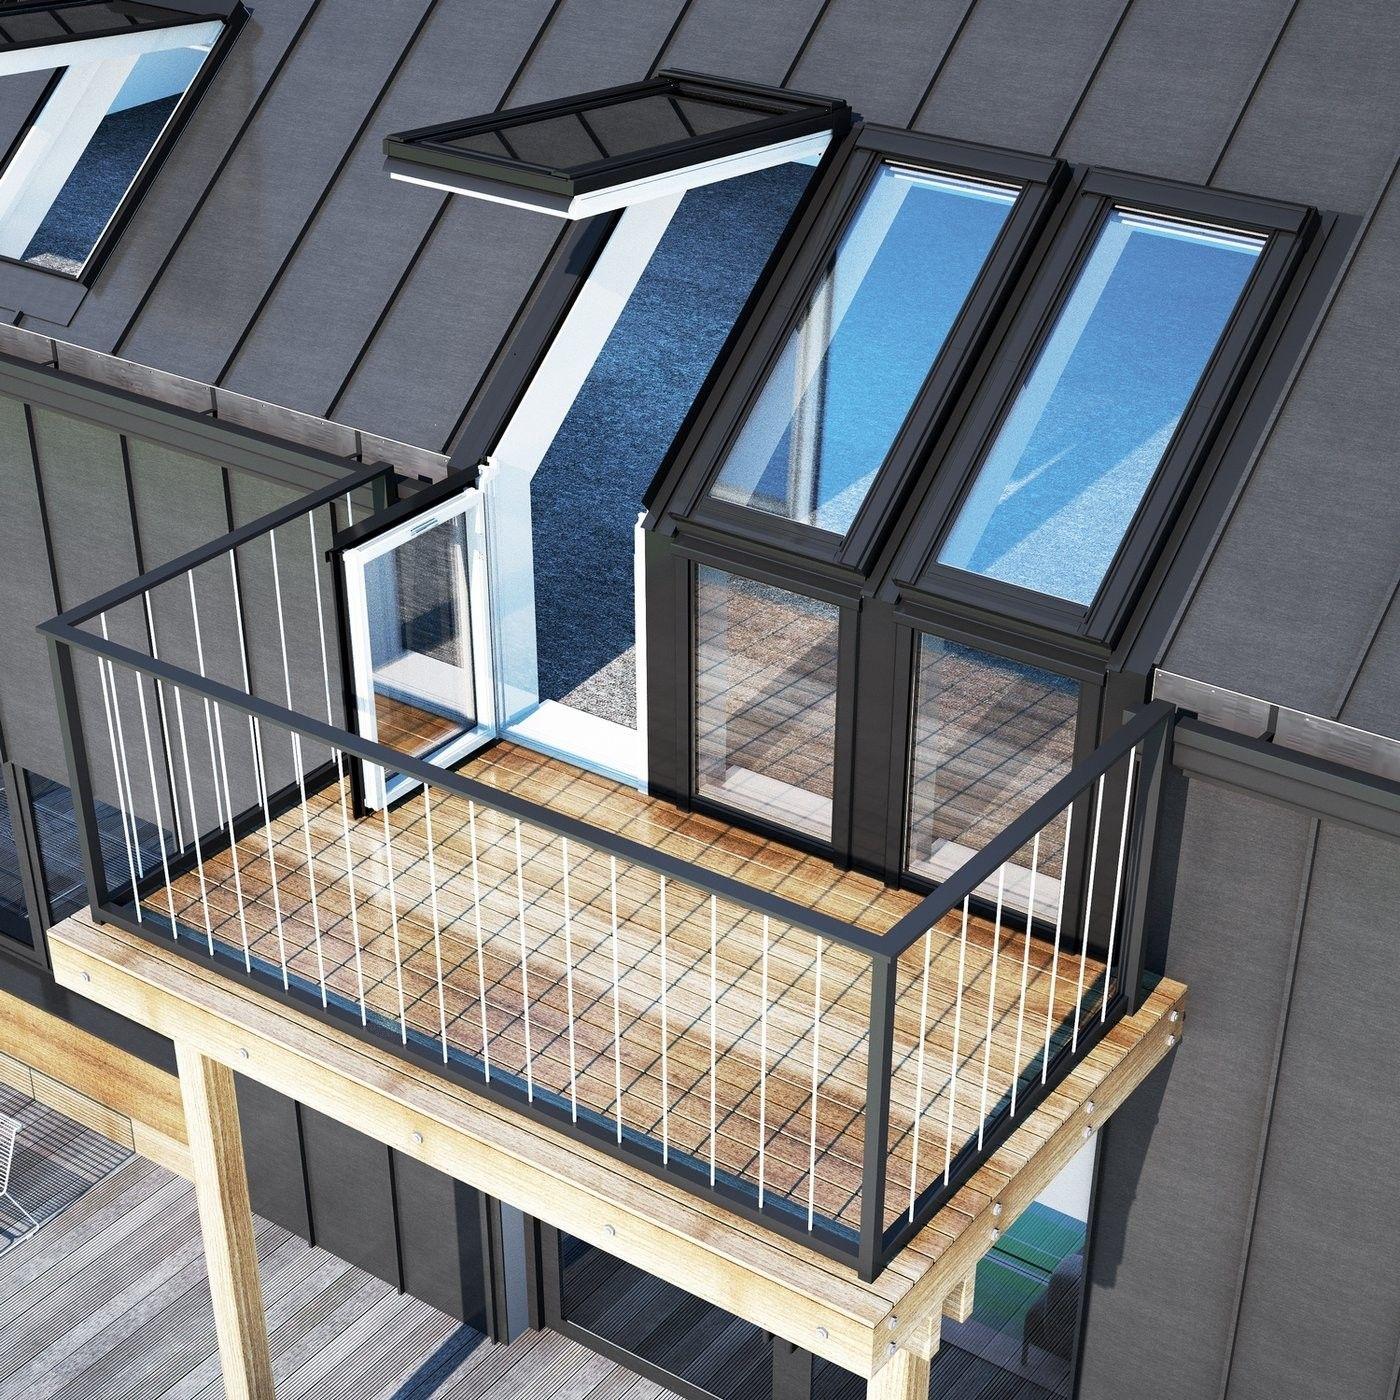 fenêtres de toit balcon  fenêtre de toit toit fenetre